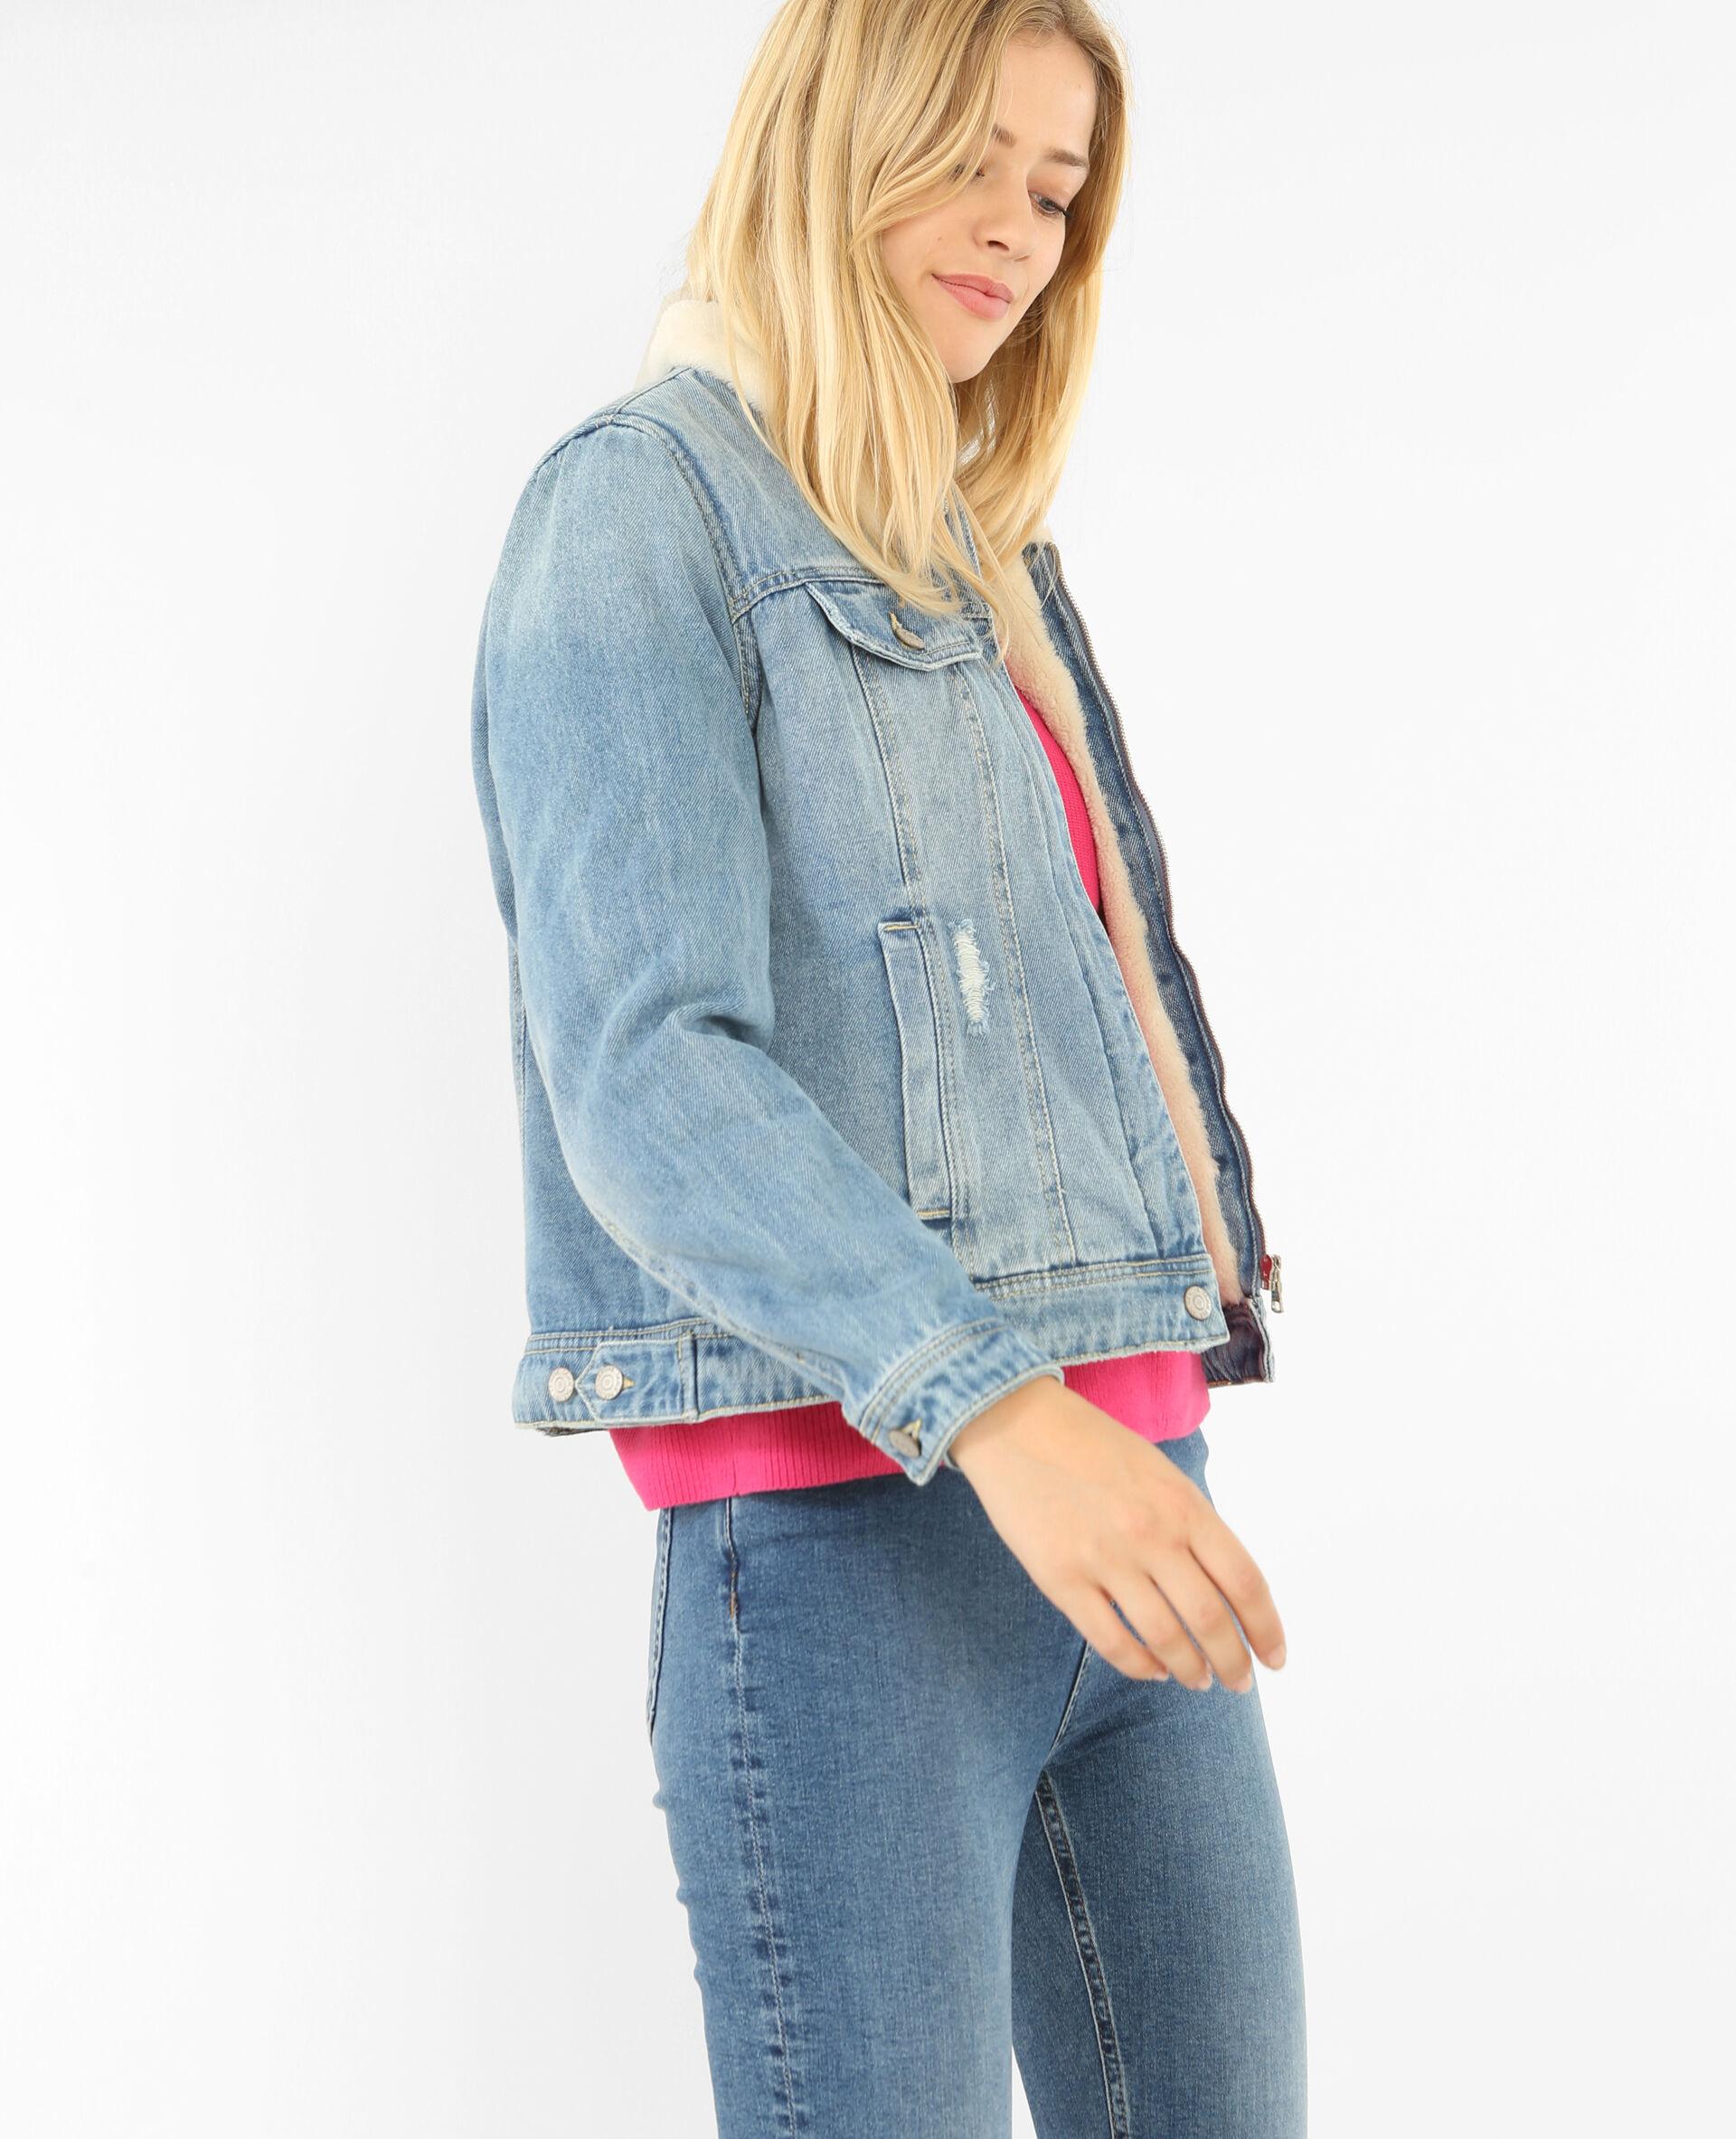 ✅Blouson en jean Femme - Couleur bleu denim - Taille L - PIMKIE - MODE FEMME